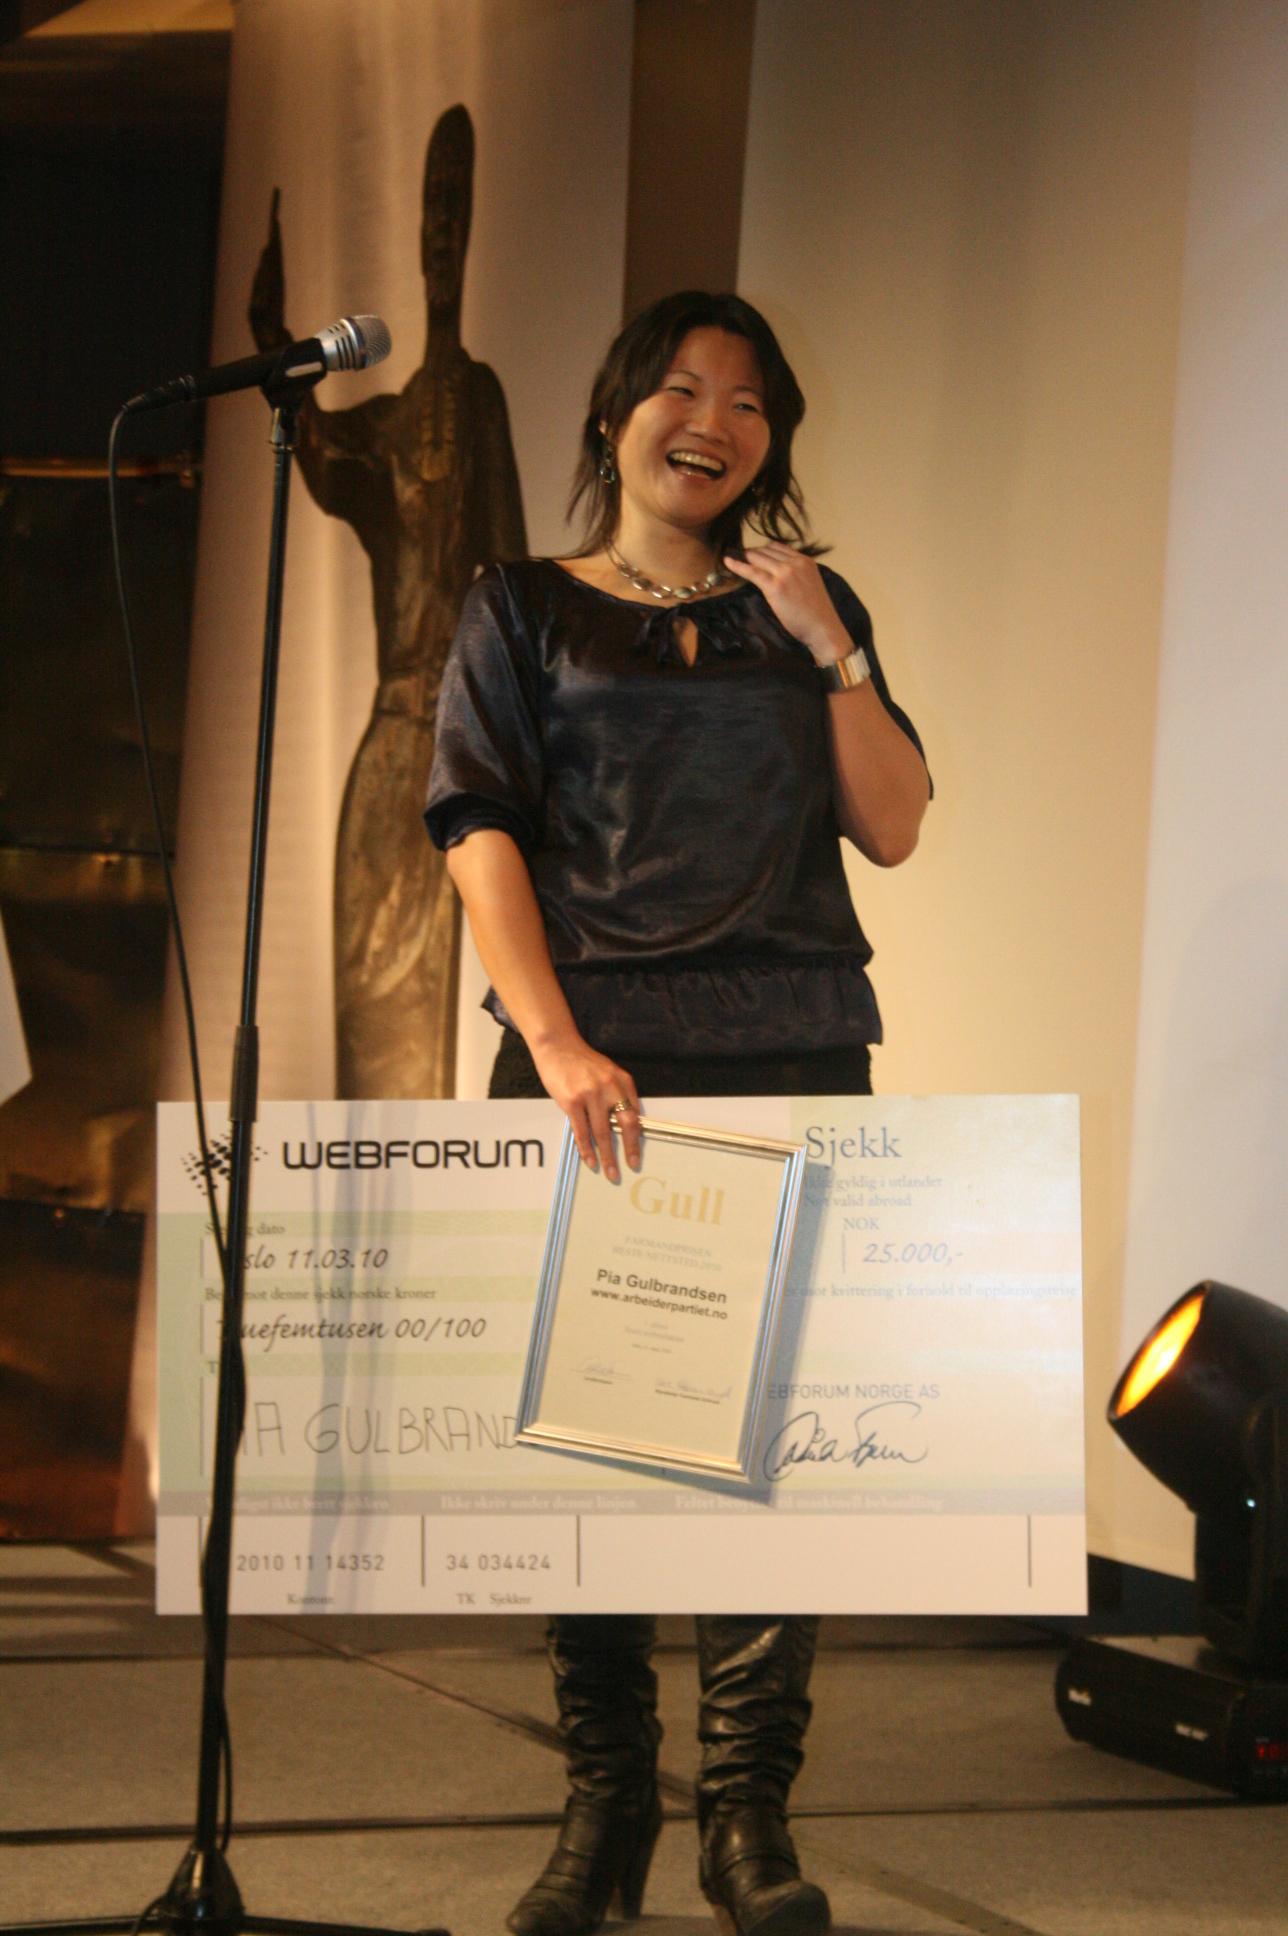 Årets webredaktør - Pia Gulbrandsen, Arbeiderpartiet